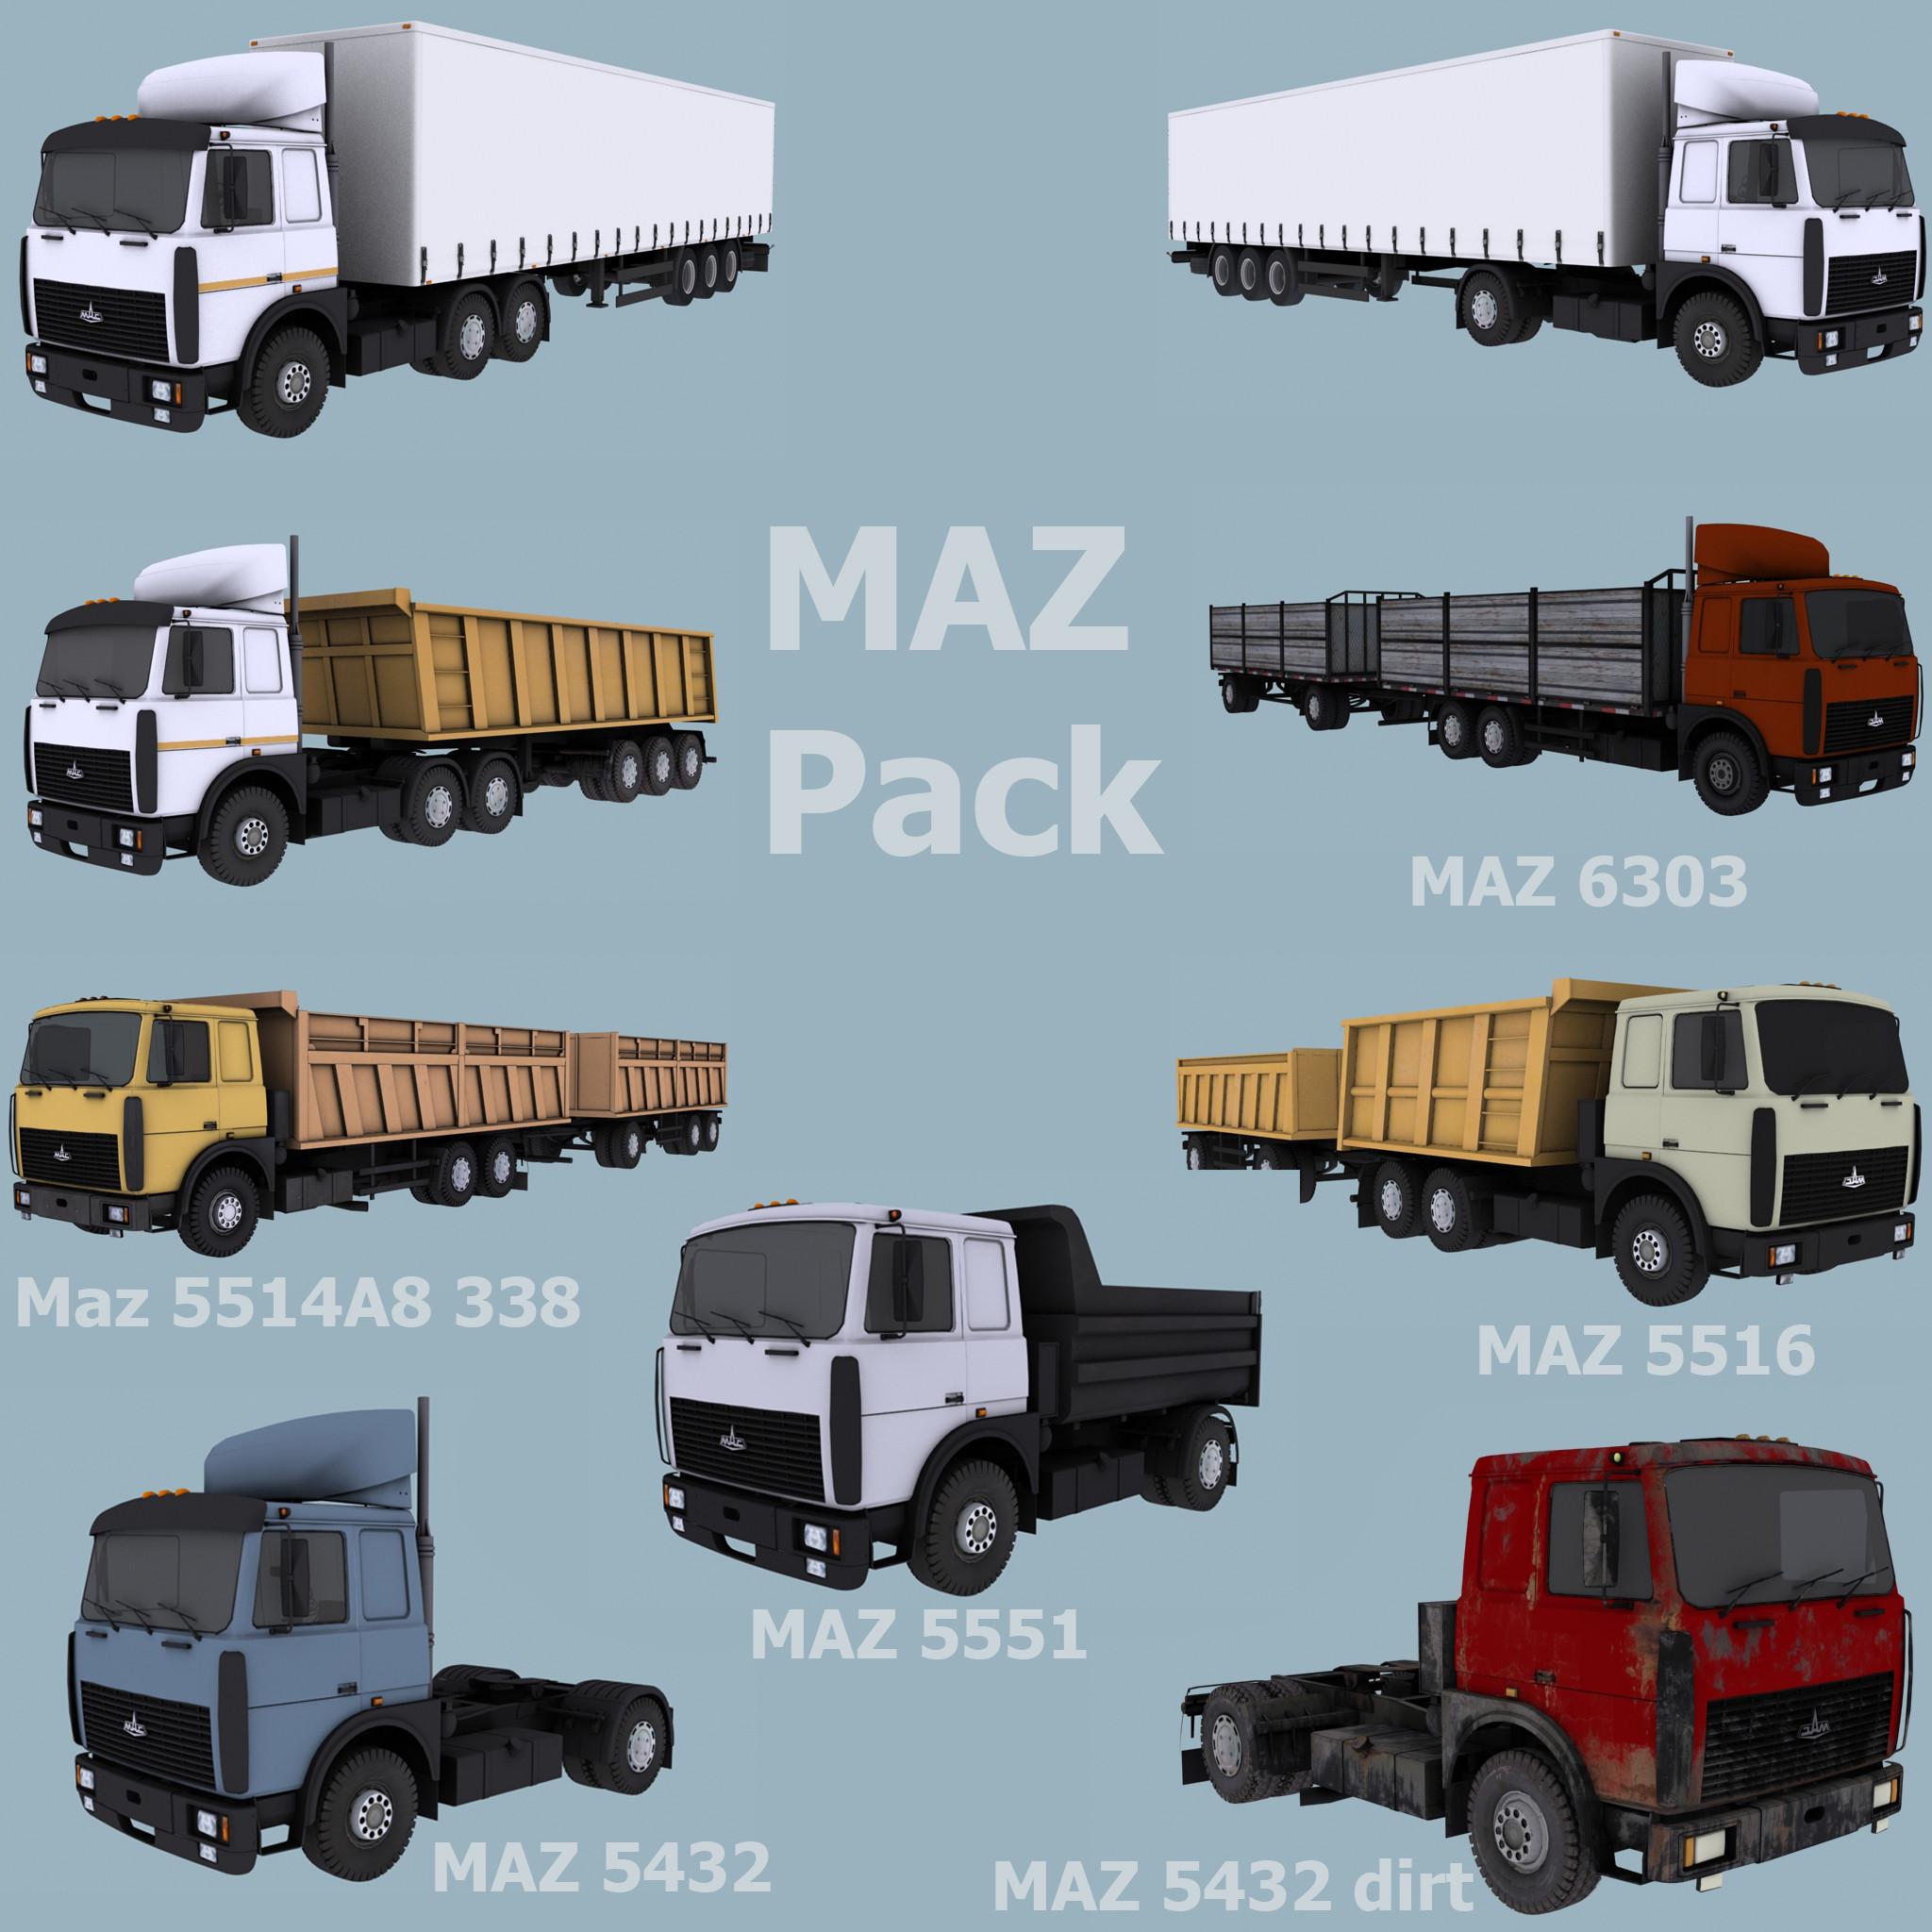 Maz pack.jpg